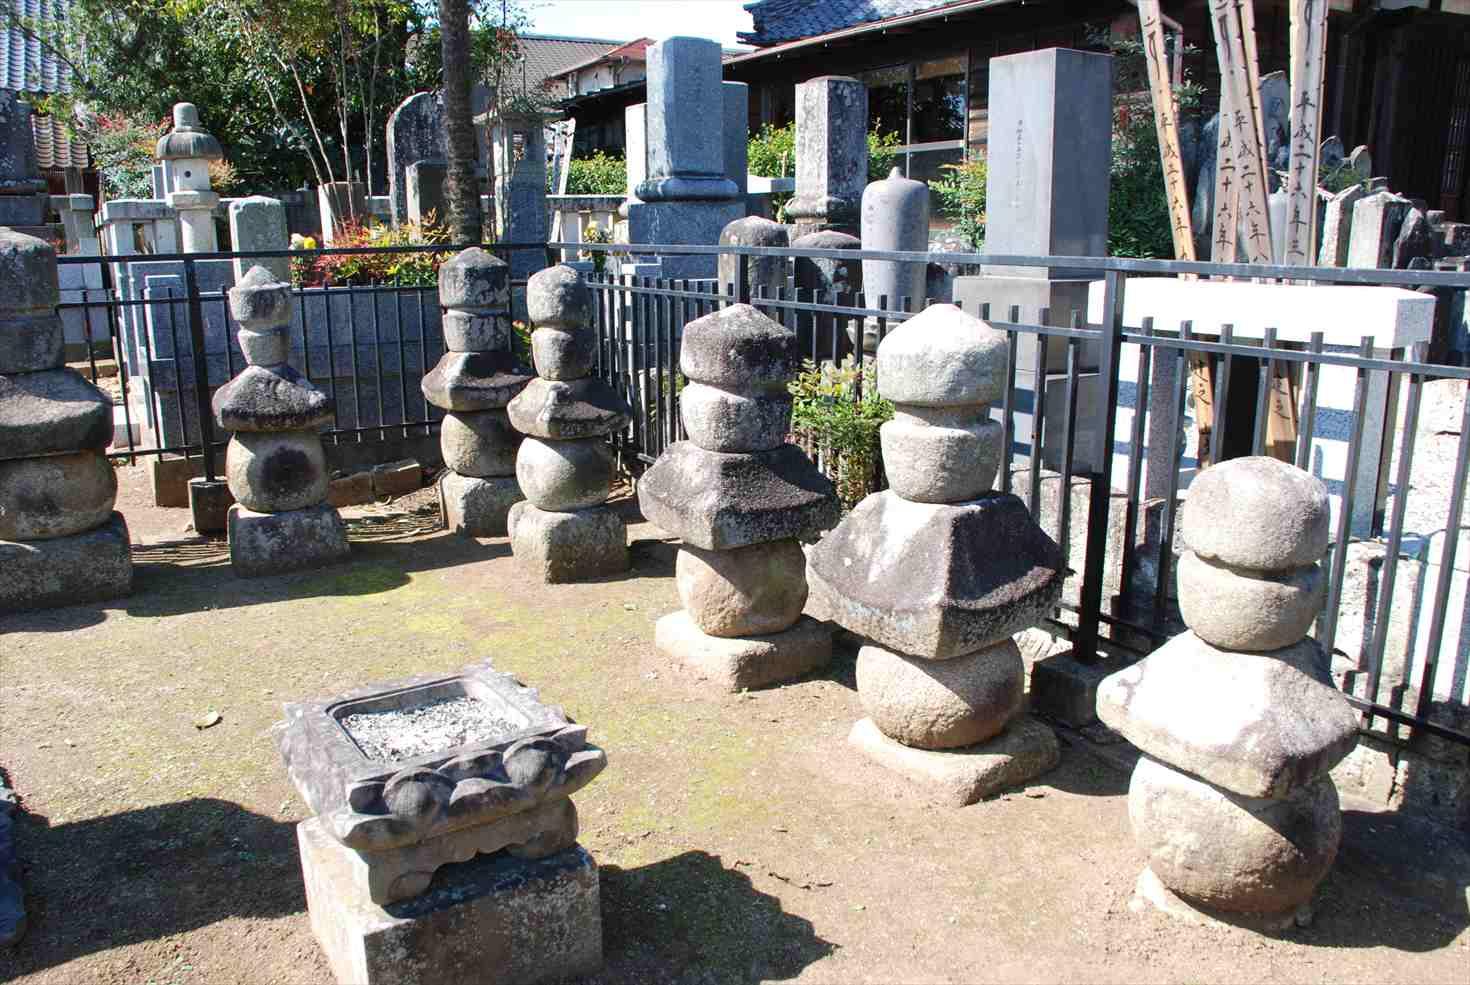 石岡・歴史と自然の街散策(nature and history in Ishioka): 常陸大掾氏の墓 石岡市 Hitachi Daijo's tomb